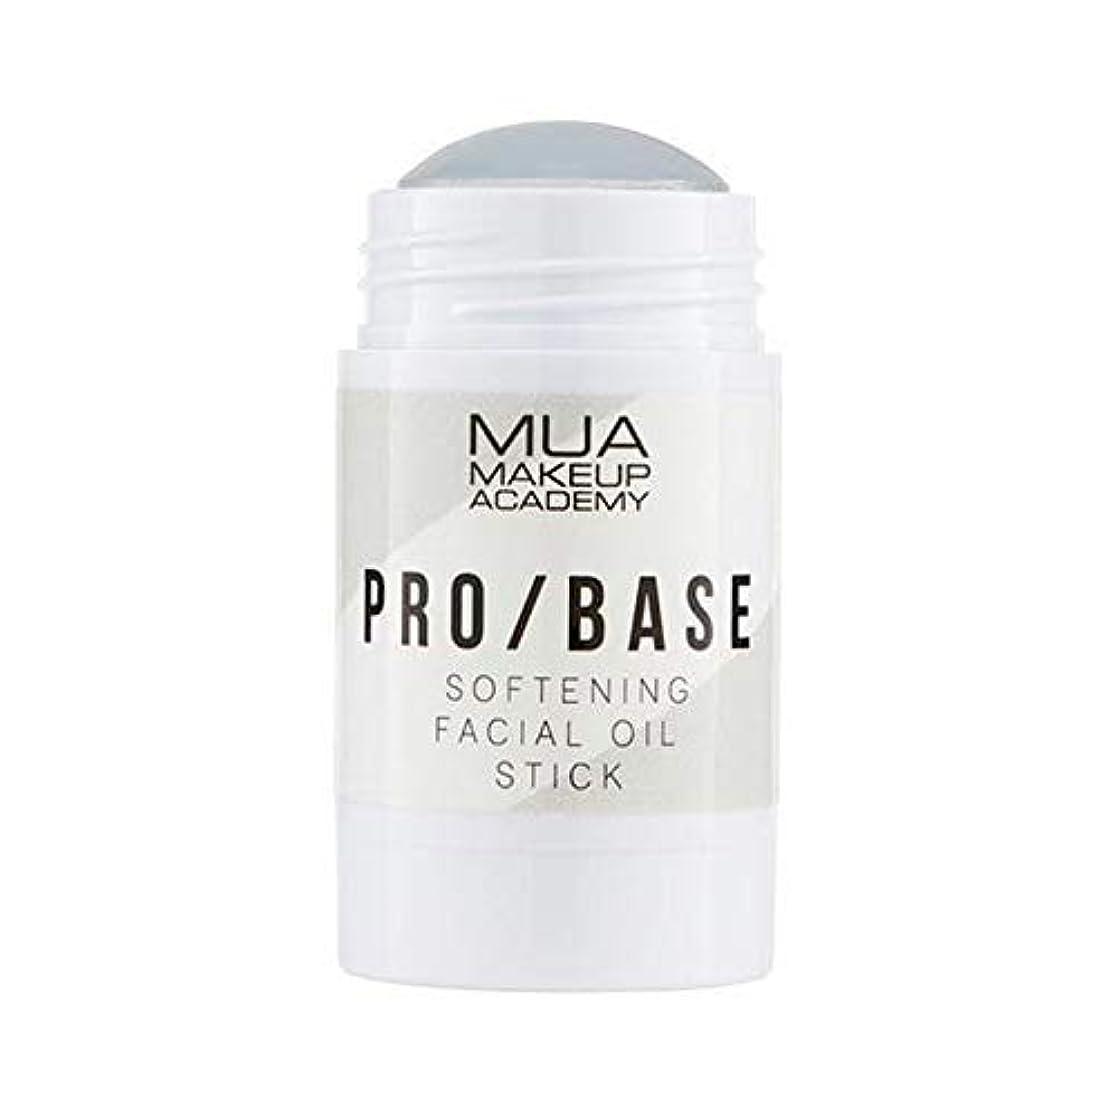 体操選手アナニバーシーフード[MUA] フェイシャルオイルスティックを軟化Muaプロベース - MUA Pro Base Softening Facial Oil Stick [並行輸入品]